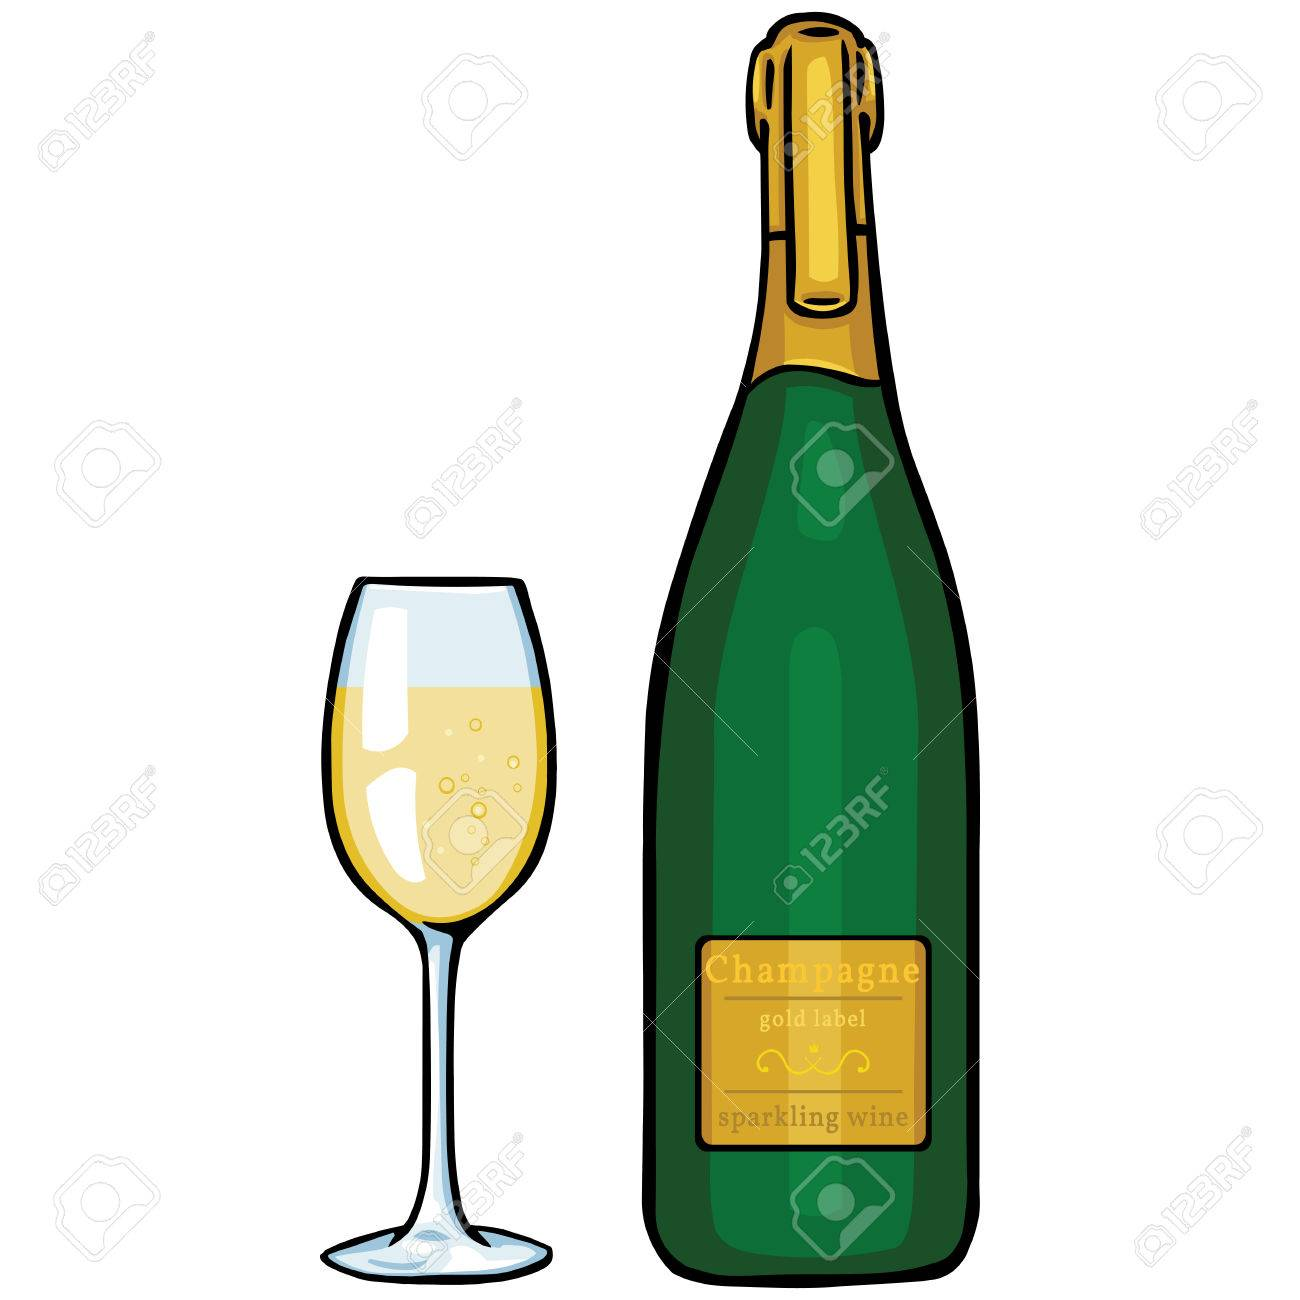 Bouteille De Champagne Dessin dessin animé illustration vectorielle: verre et bouteille de